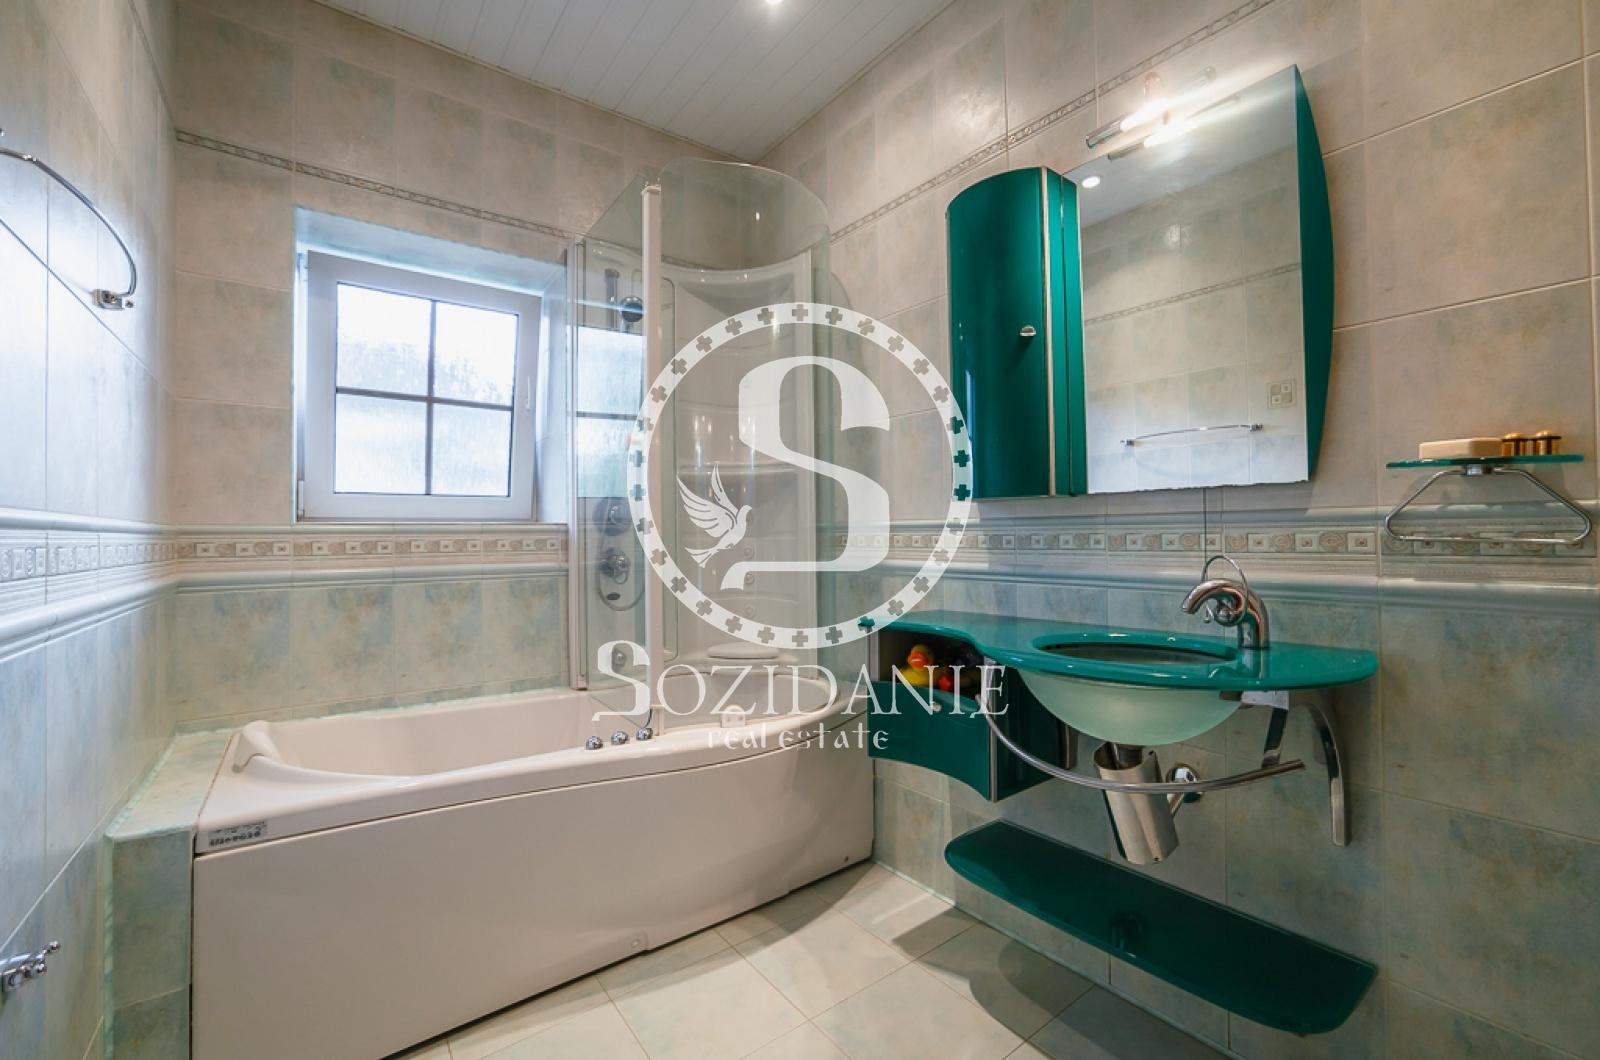 5 Bedrooms, Загородная, Продажа, Listing ID 3476, Московская область, Россия,